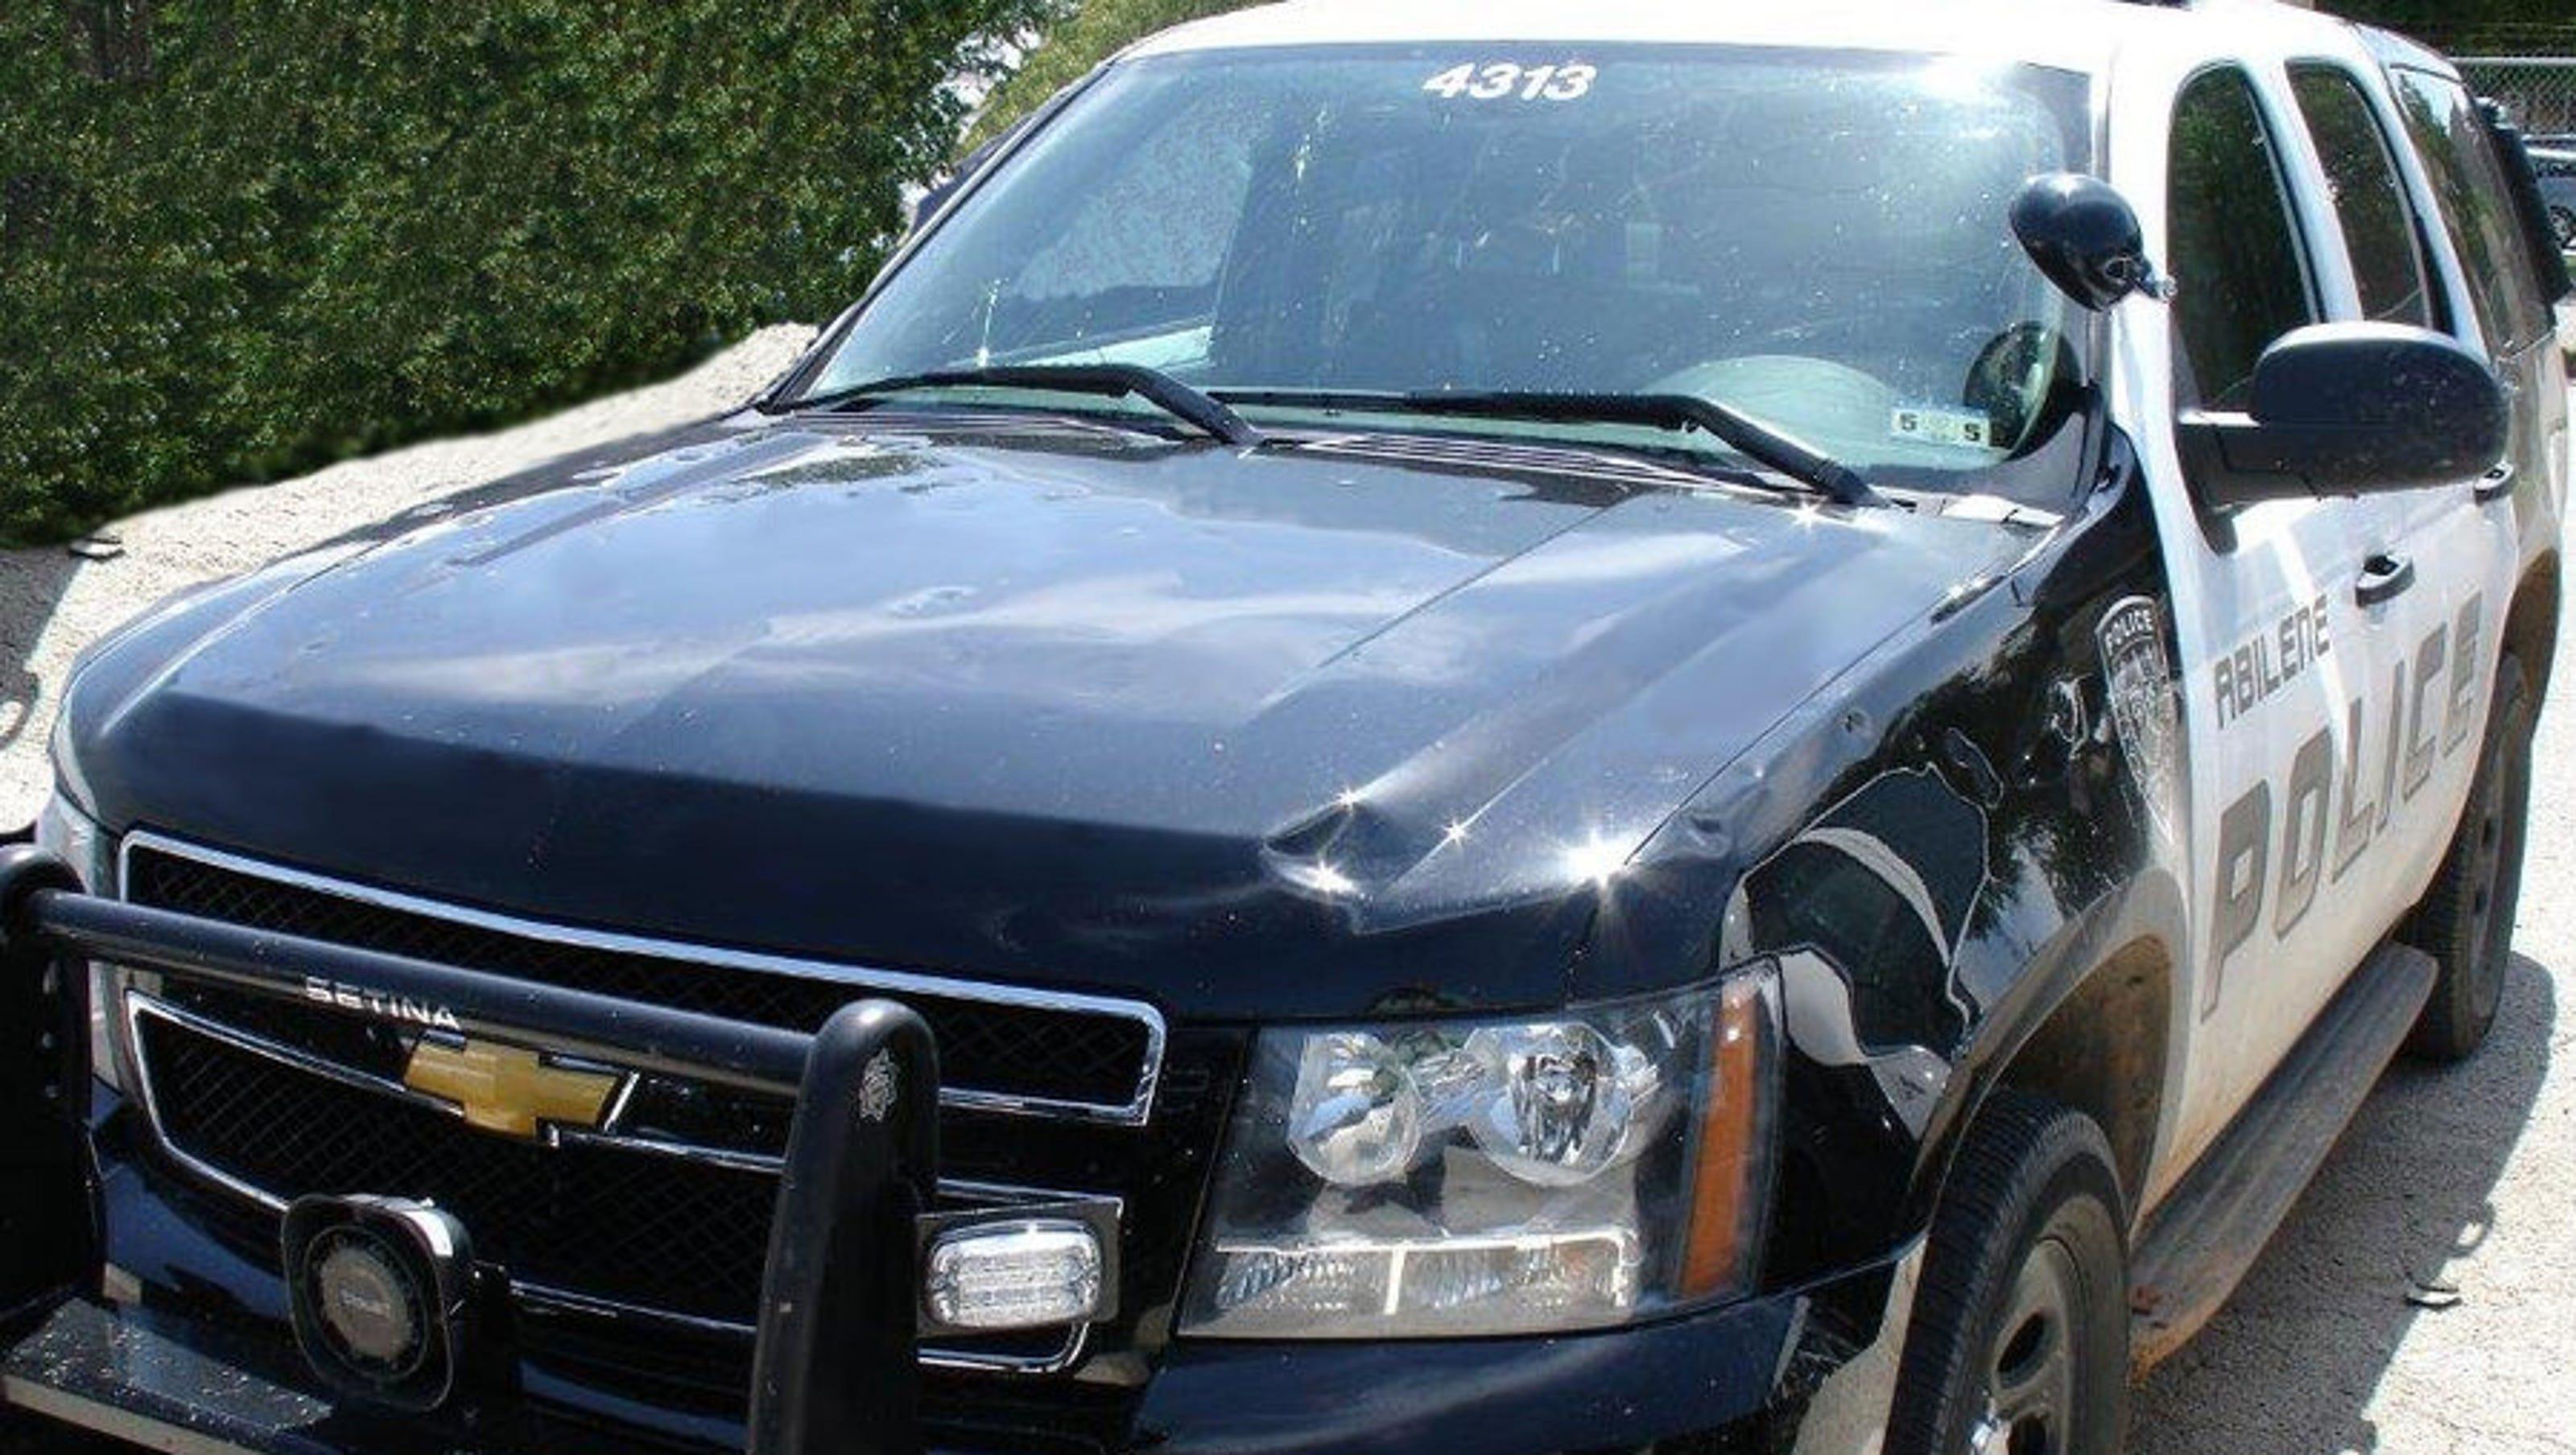 Arrow Ford Abilene >> Abilene Department Of Motor Vehicles - impremedia.net